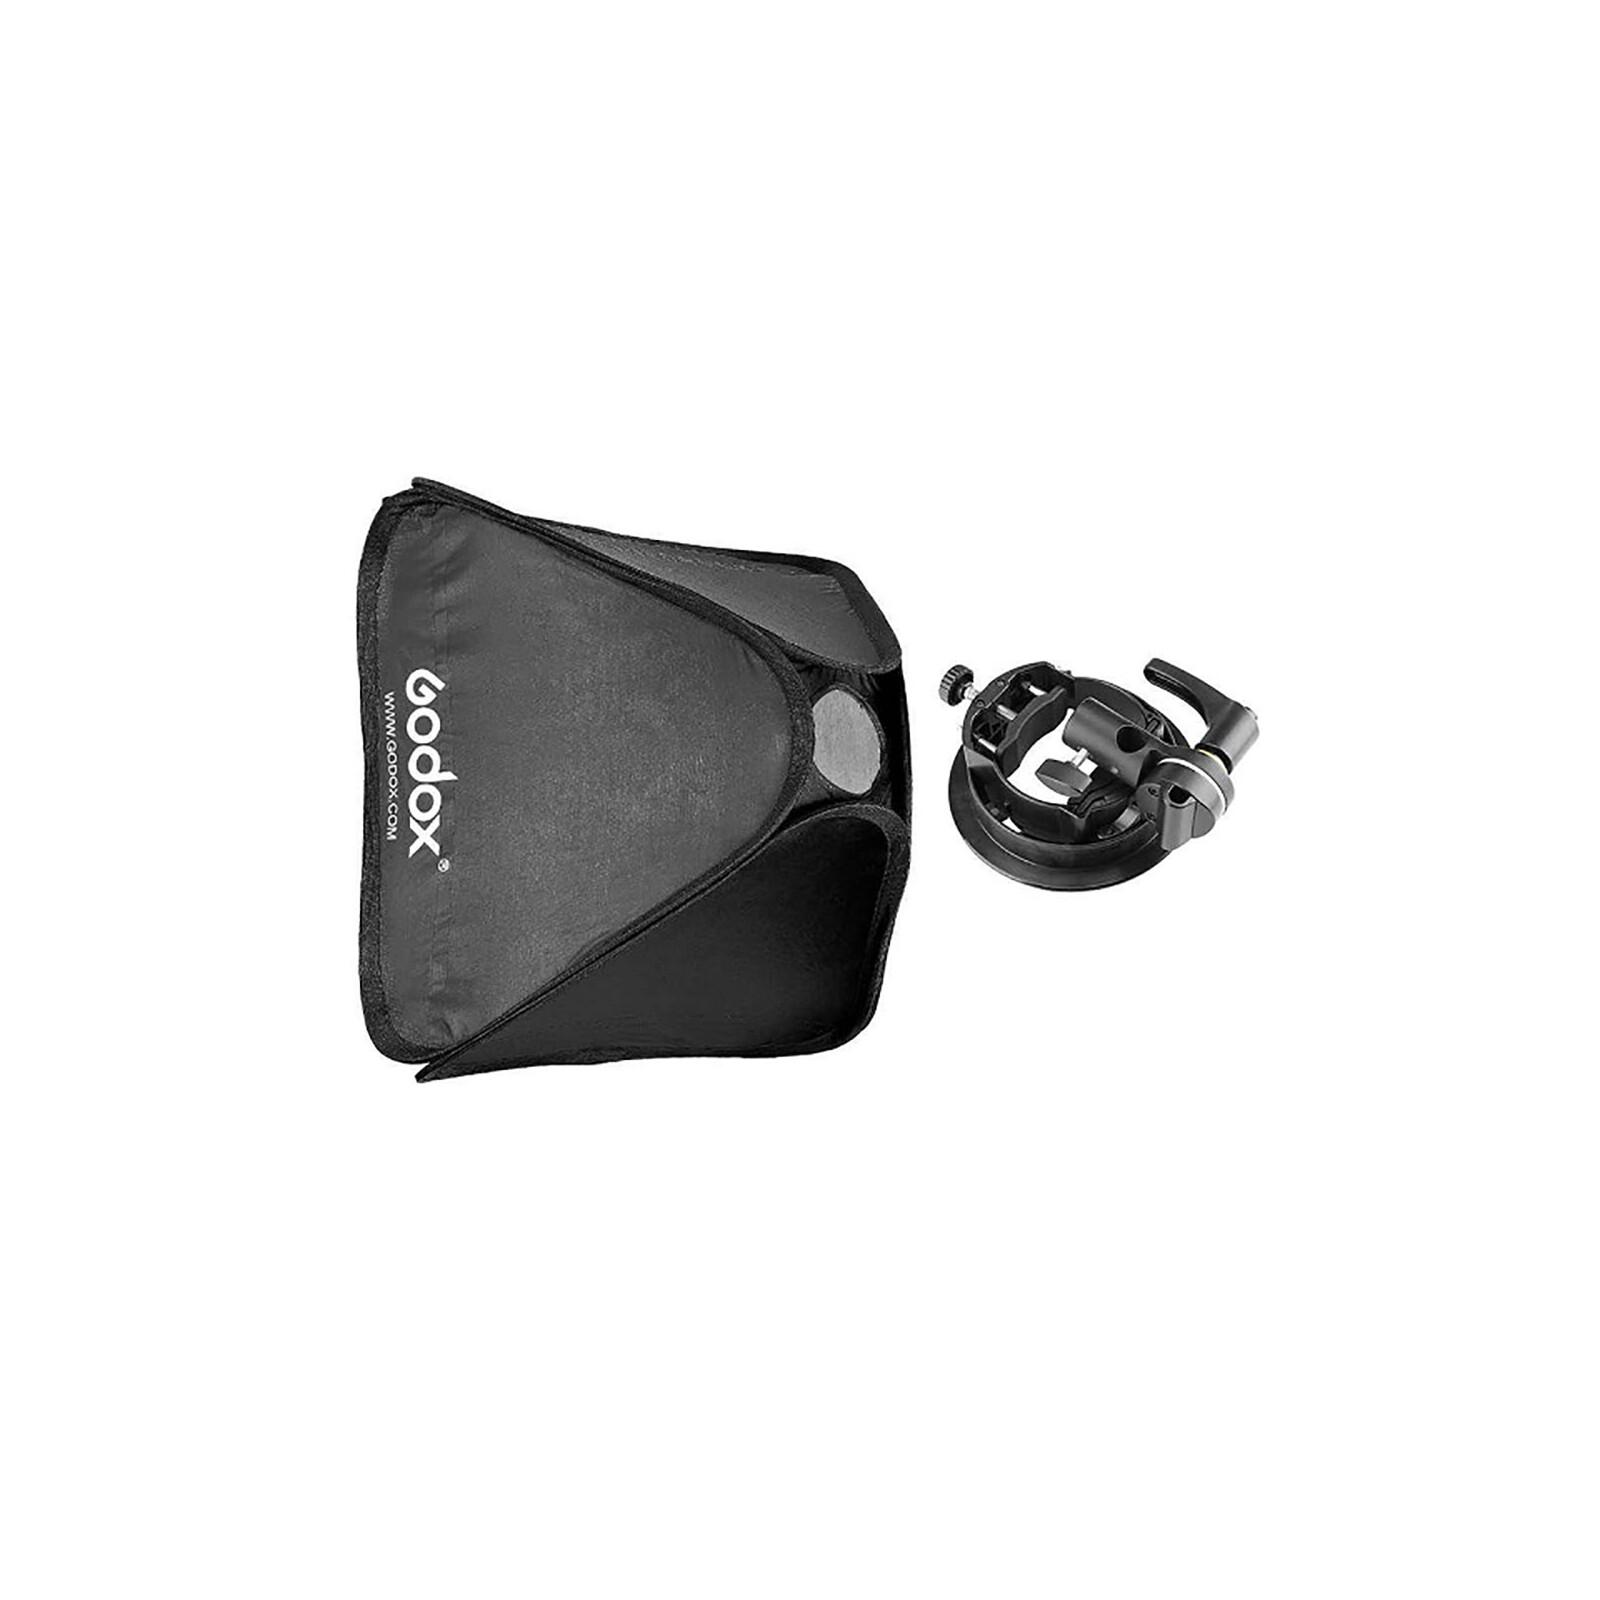 GODOX Grid Softbox inkl. S2 Bracket Bowens Mount & Tasche